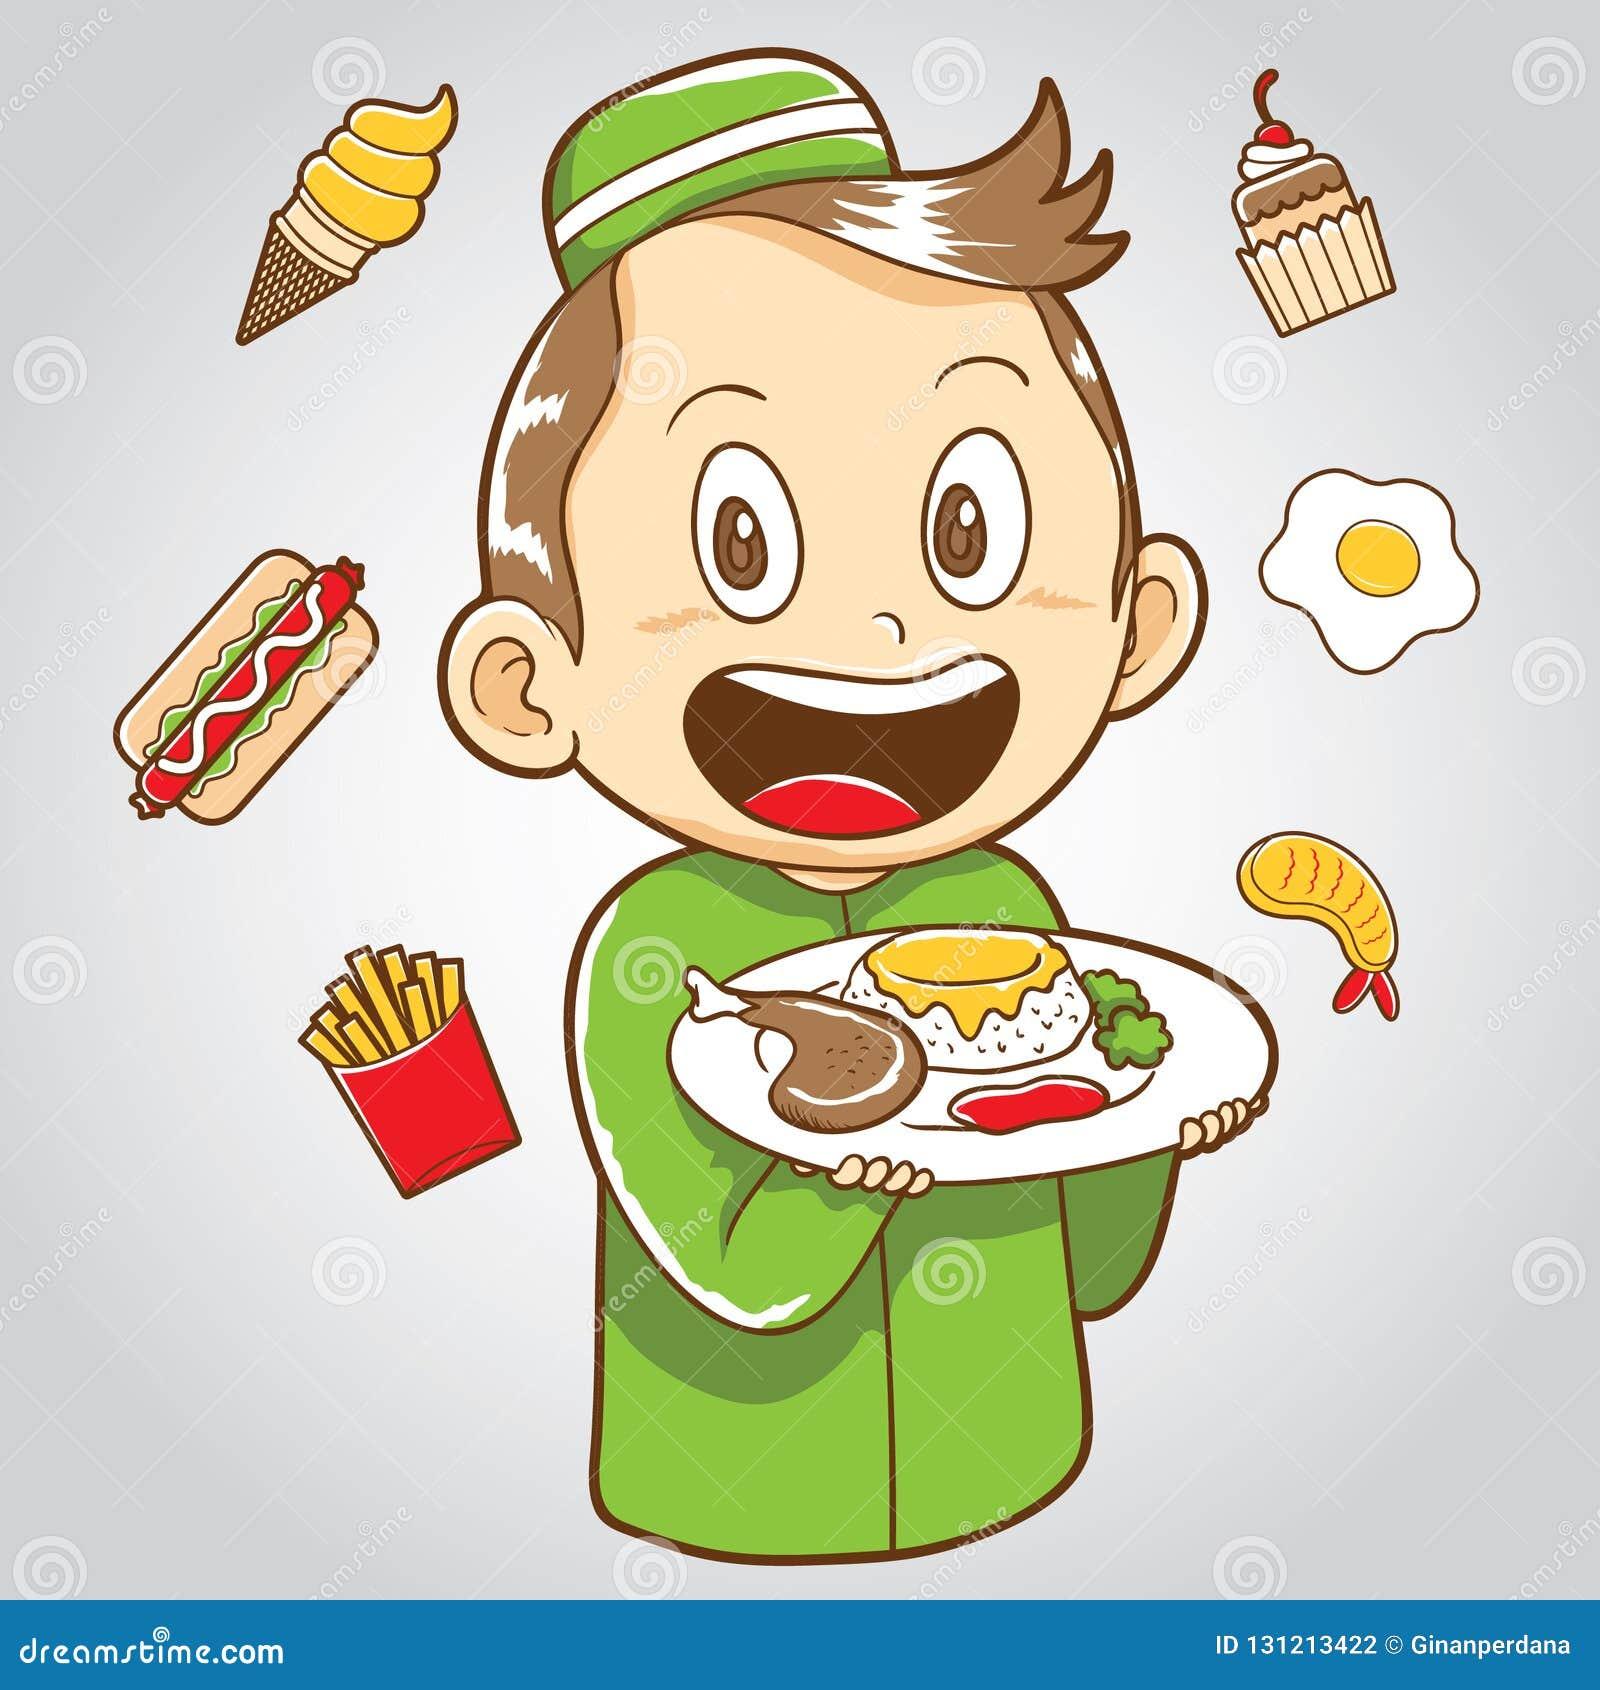 Criança muçulmana com comida lixo e alimento saudável